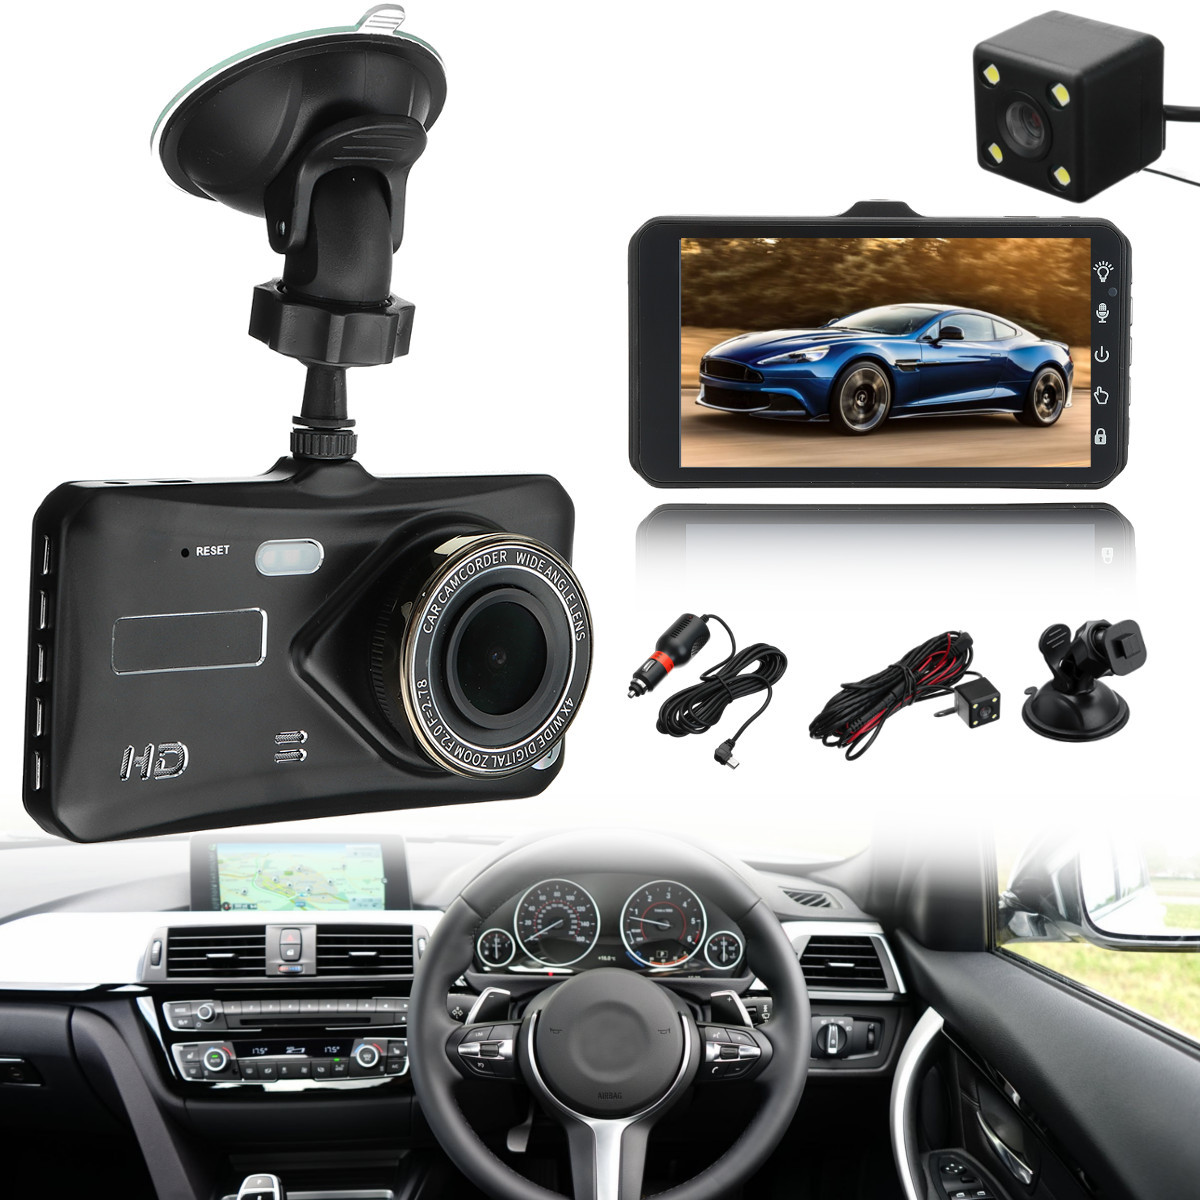 HD 1080 p Wifi Caméra DVR Caméra Vidéo Dash Cam r Avec Caméra Arrière Jul20